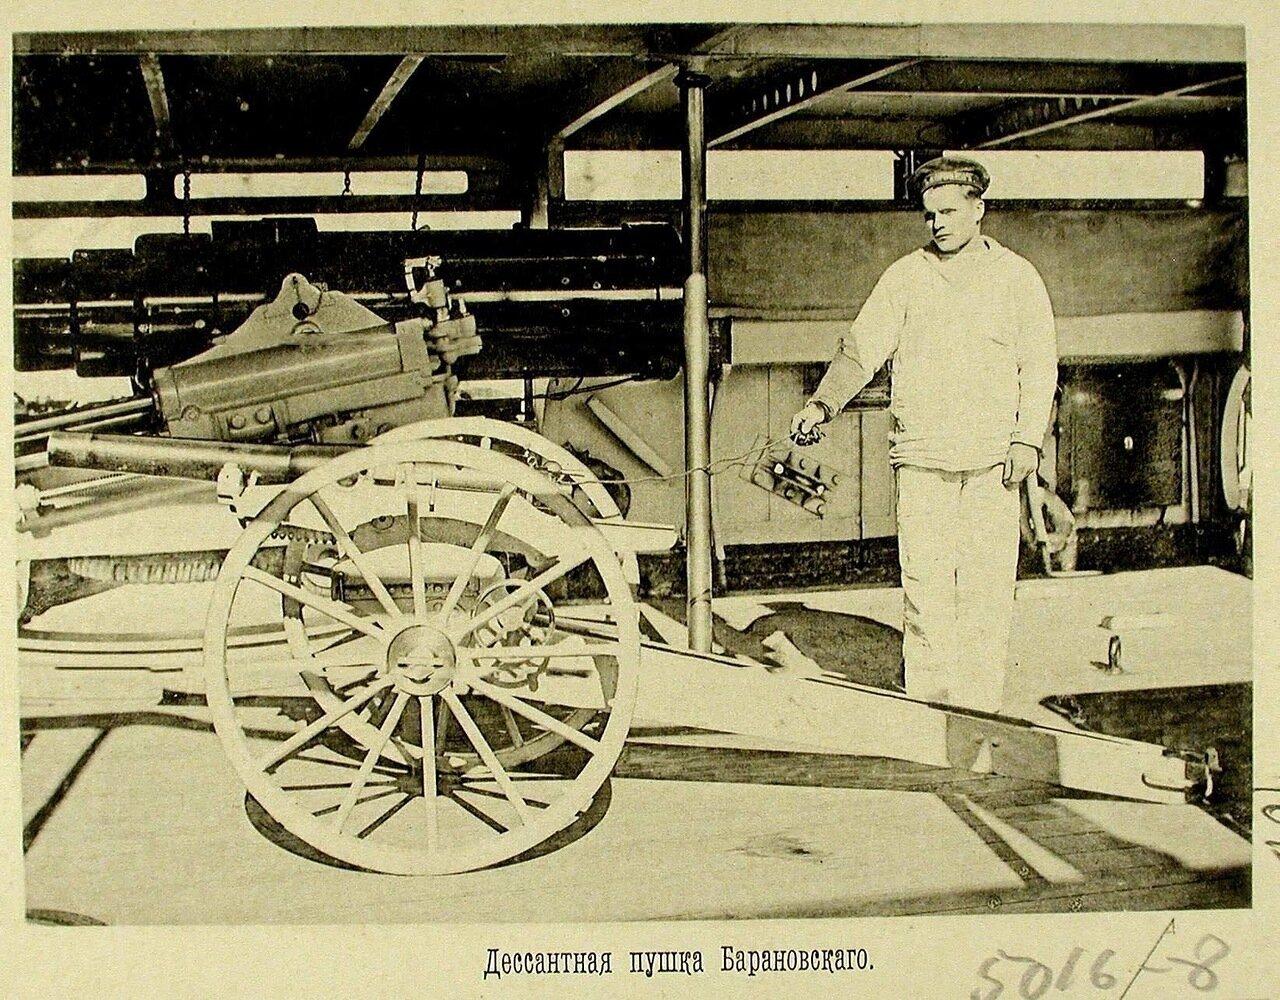 108. Матрос у десантной пушки Барановского - боевого орудия одного из крейсеров эскадры